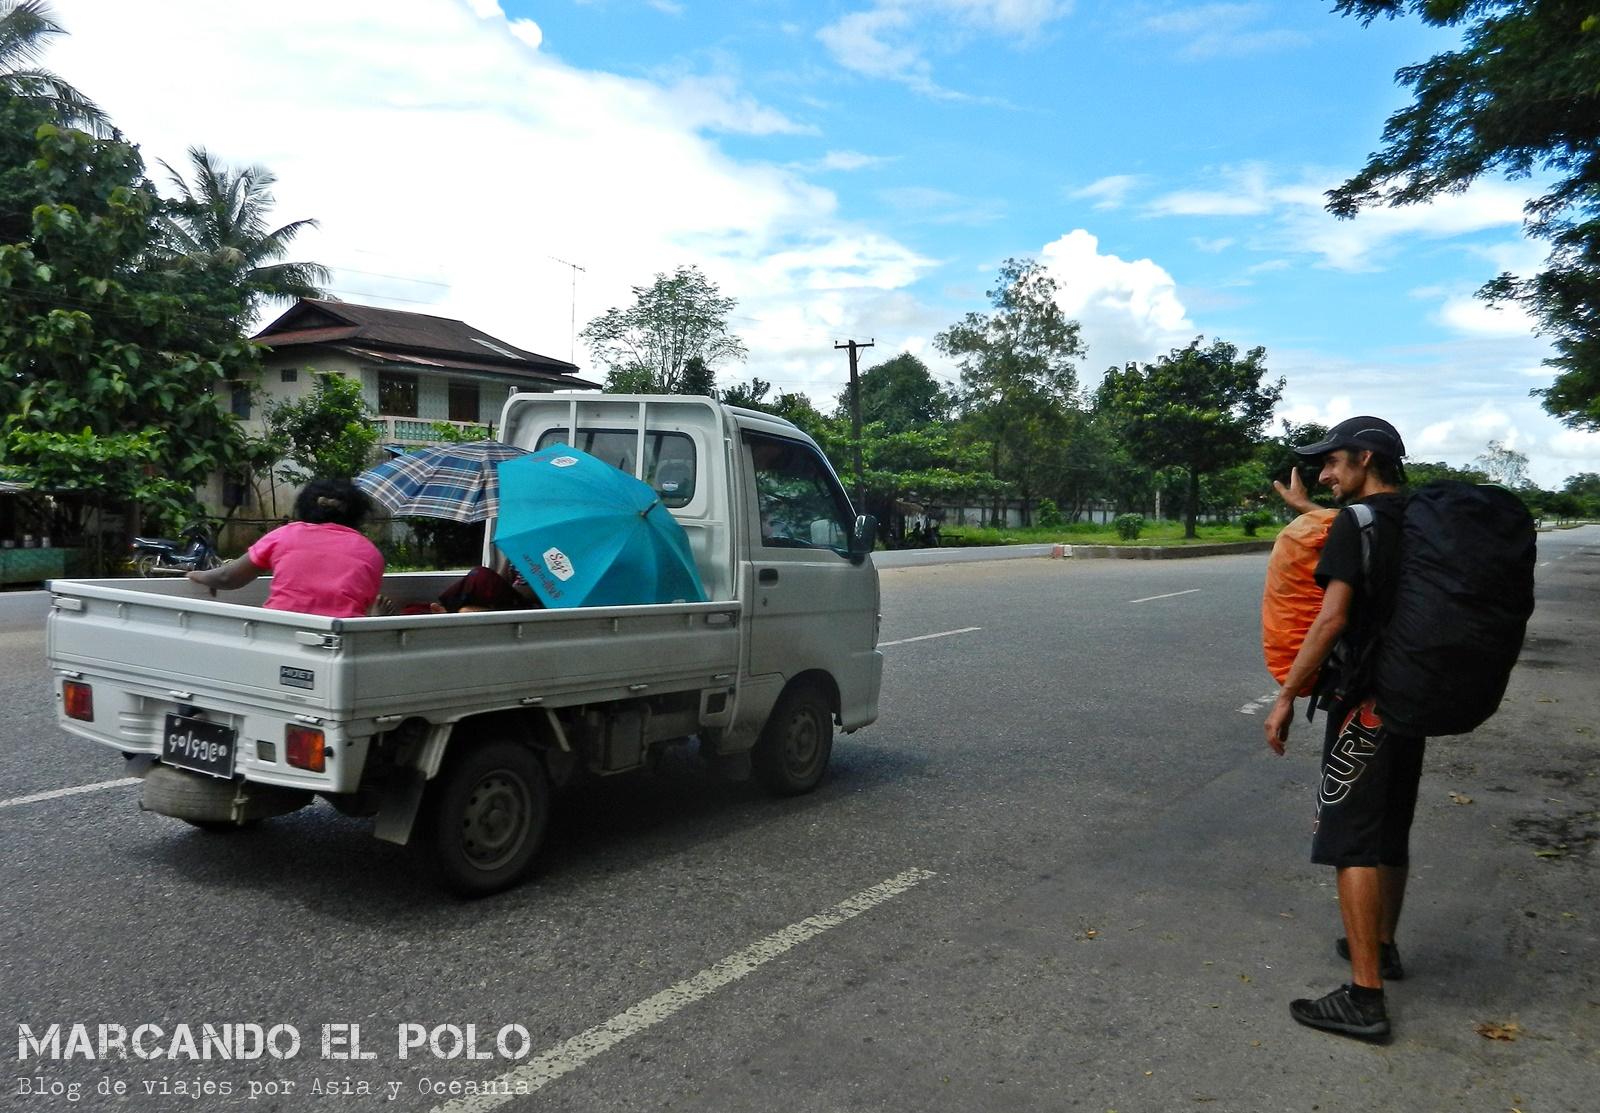 Viajar a dedo en Myanmar. Frenando autos en la ruta